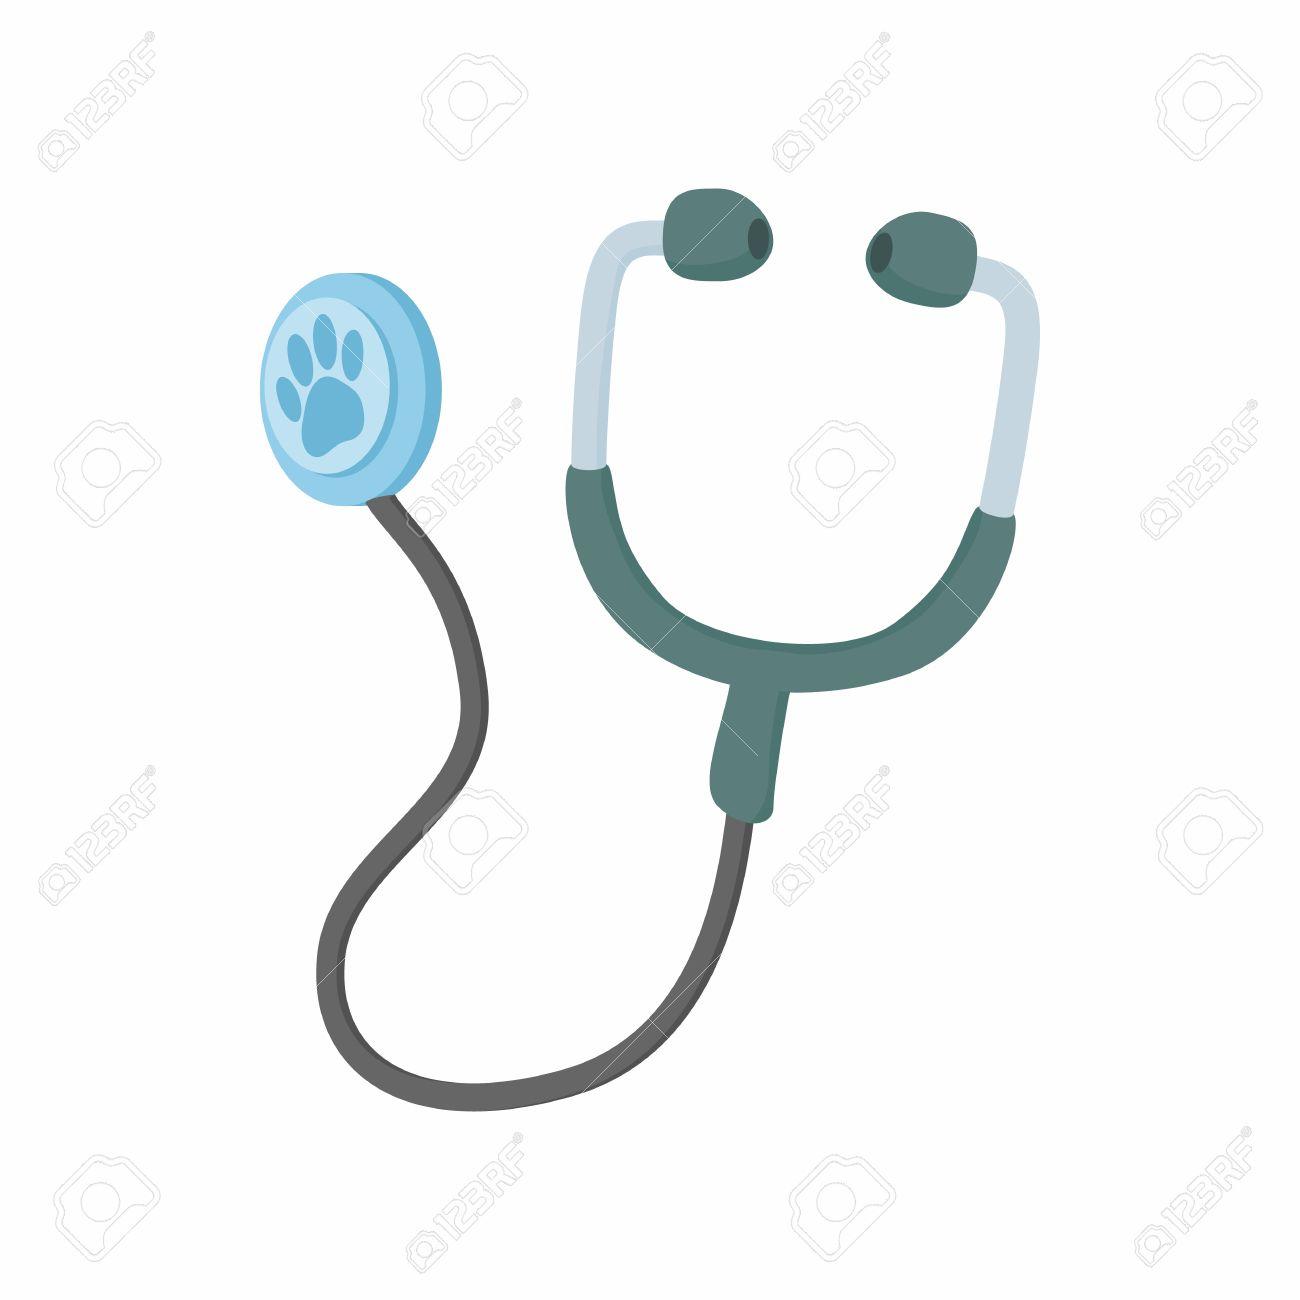 Stéthoscope Pour Les Animaux Icône Dans Le Style De Dessin Animé Isolé Sur  Fond Blanc. Médecine Vétérinaire Et Le Symbole De L'équipement avec Dessin Stéthoscope